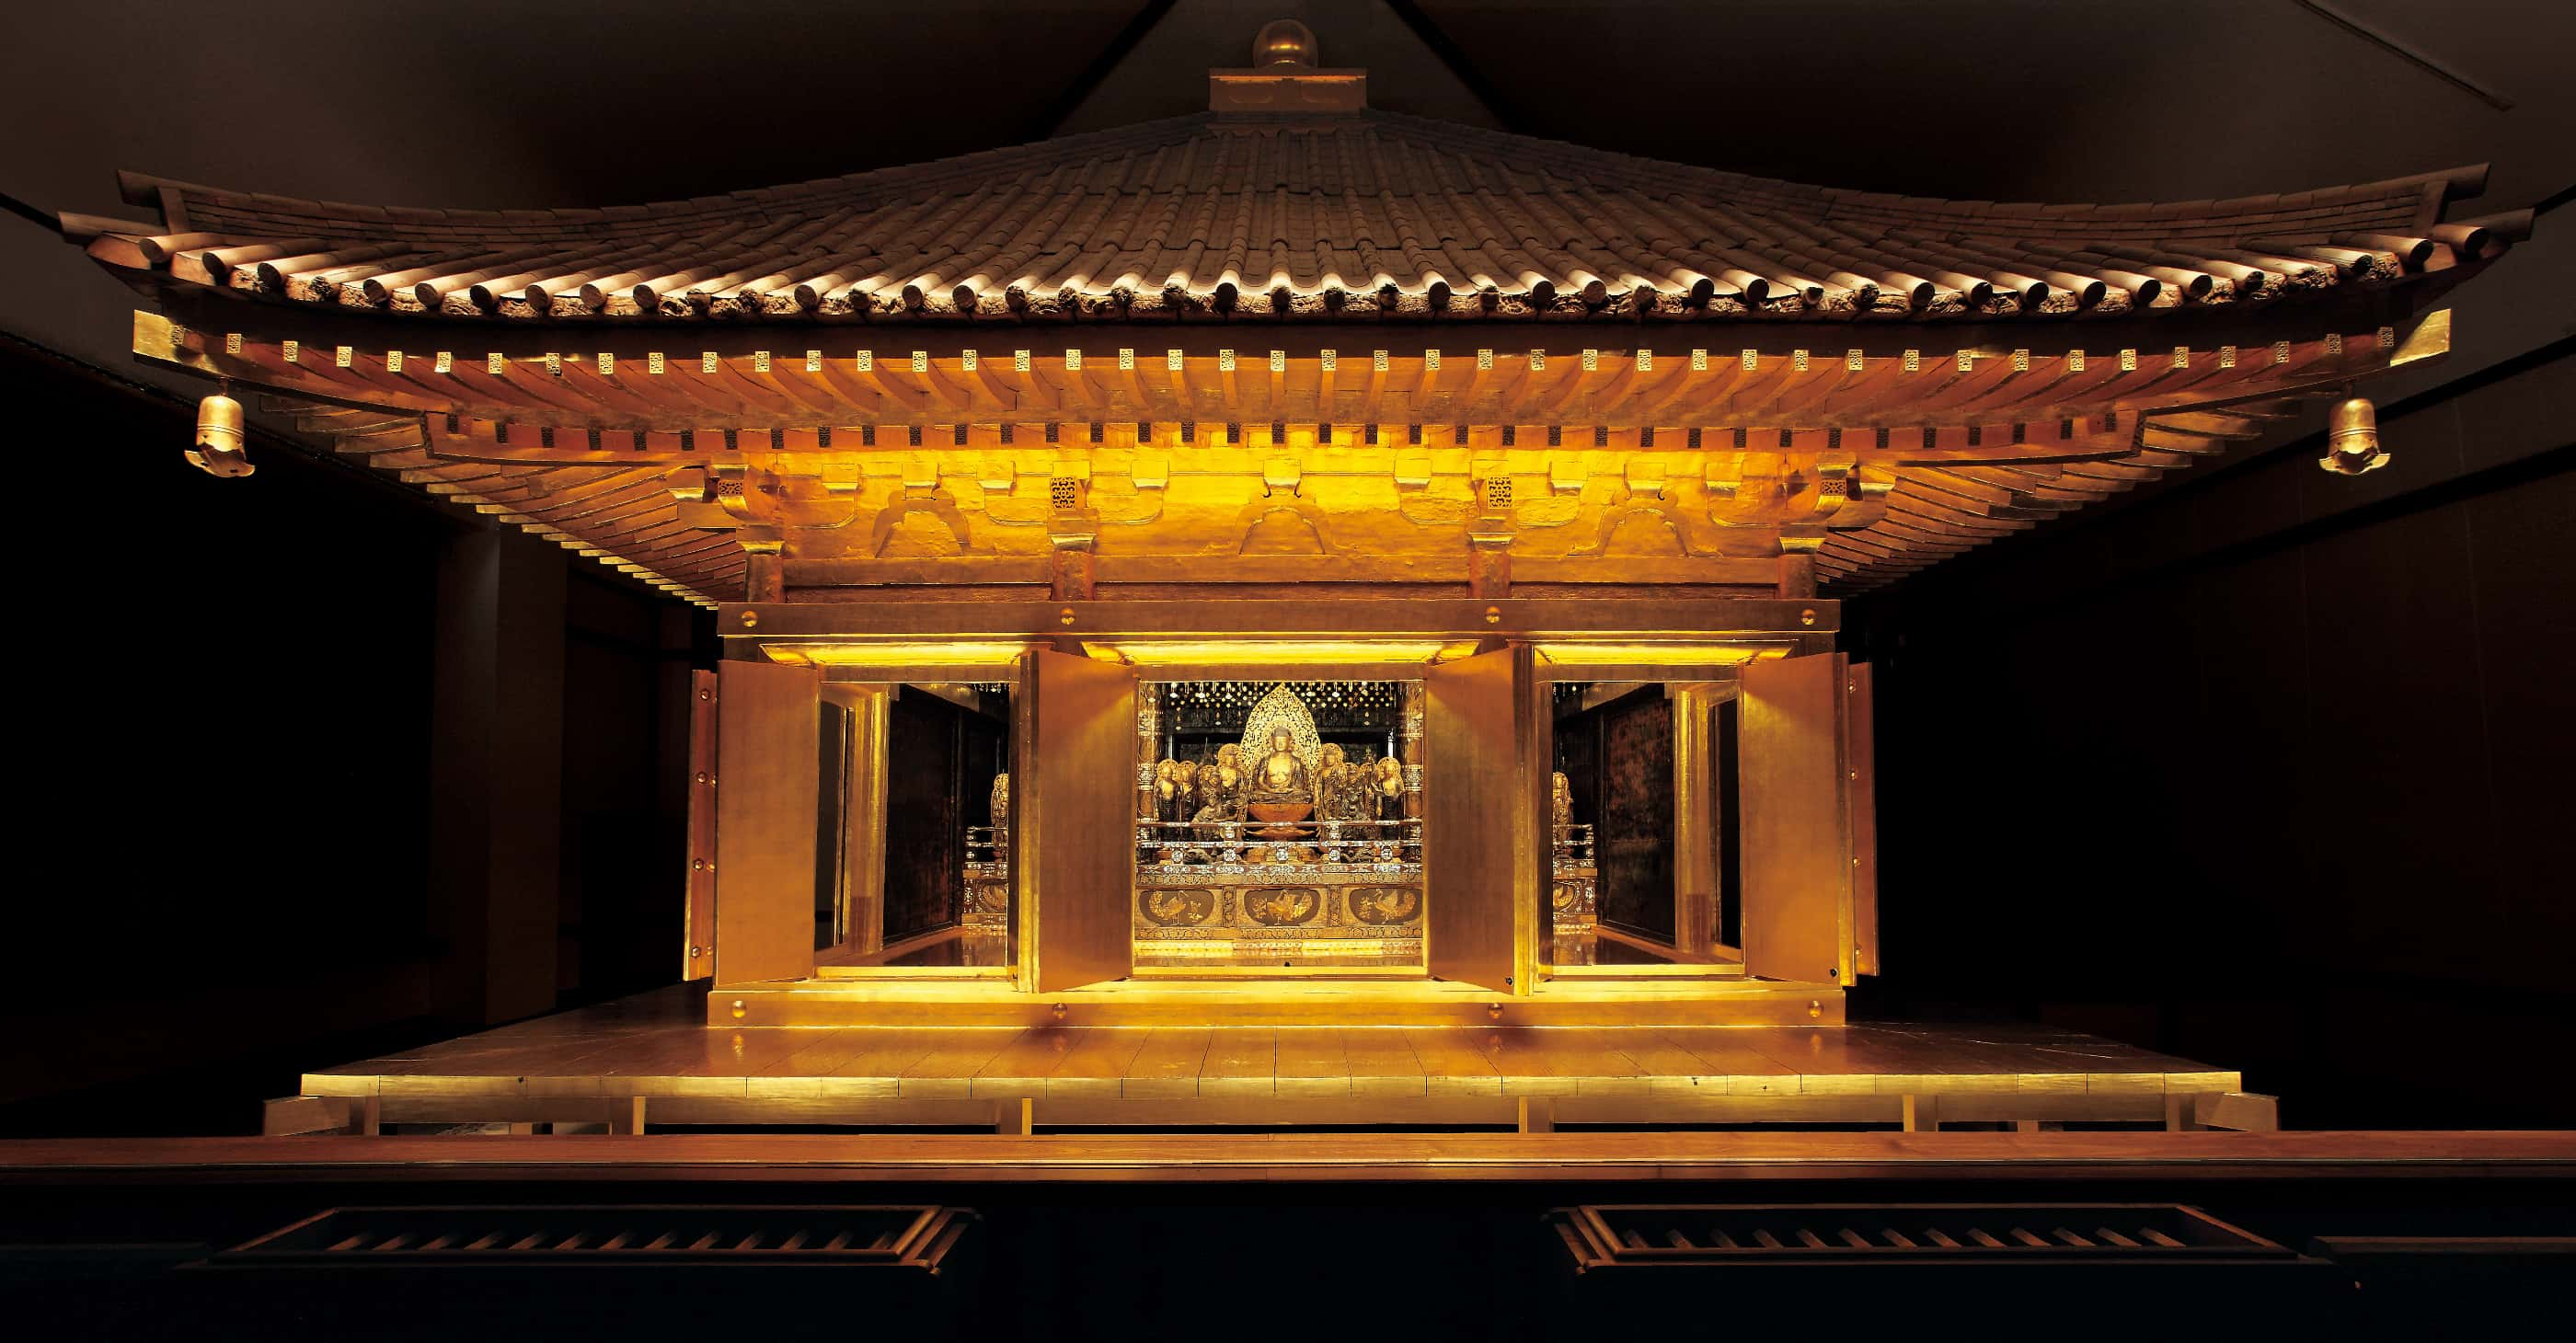 中尊寺の画像 p1_16